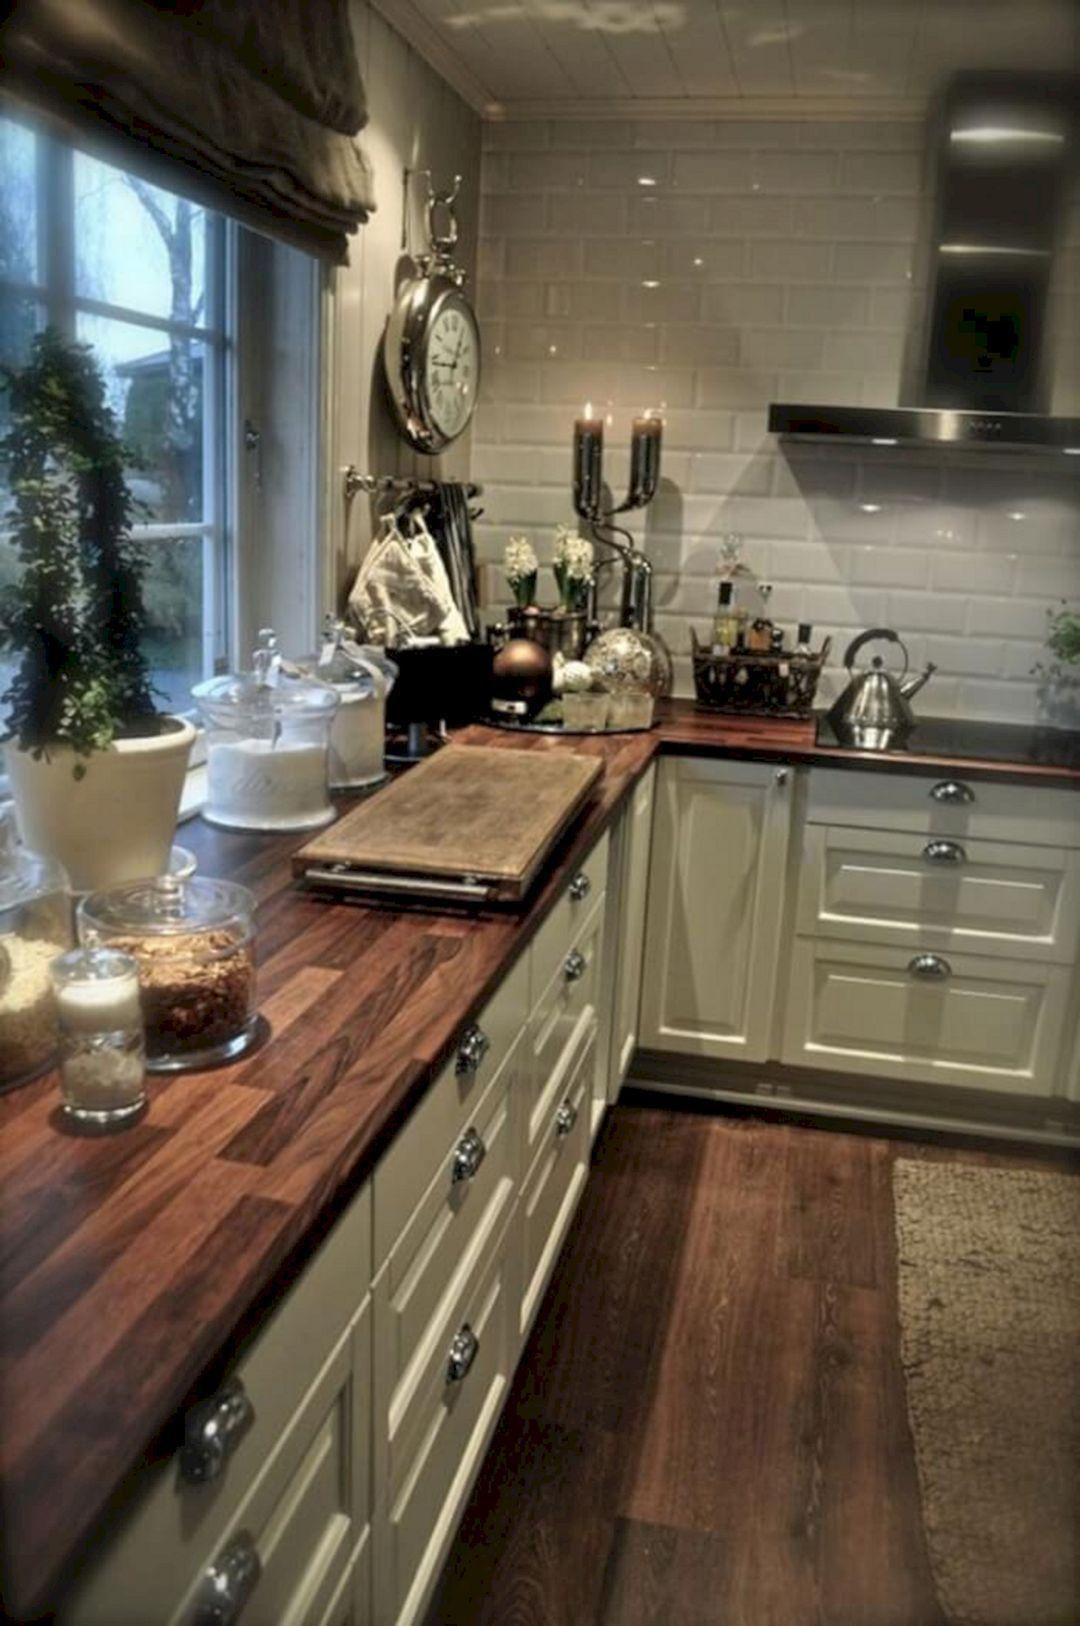 Ideen für küchenschränke pin von lara je auf einrichtung  pinterest  haus küchen ideen und